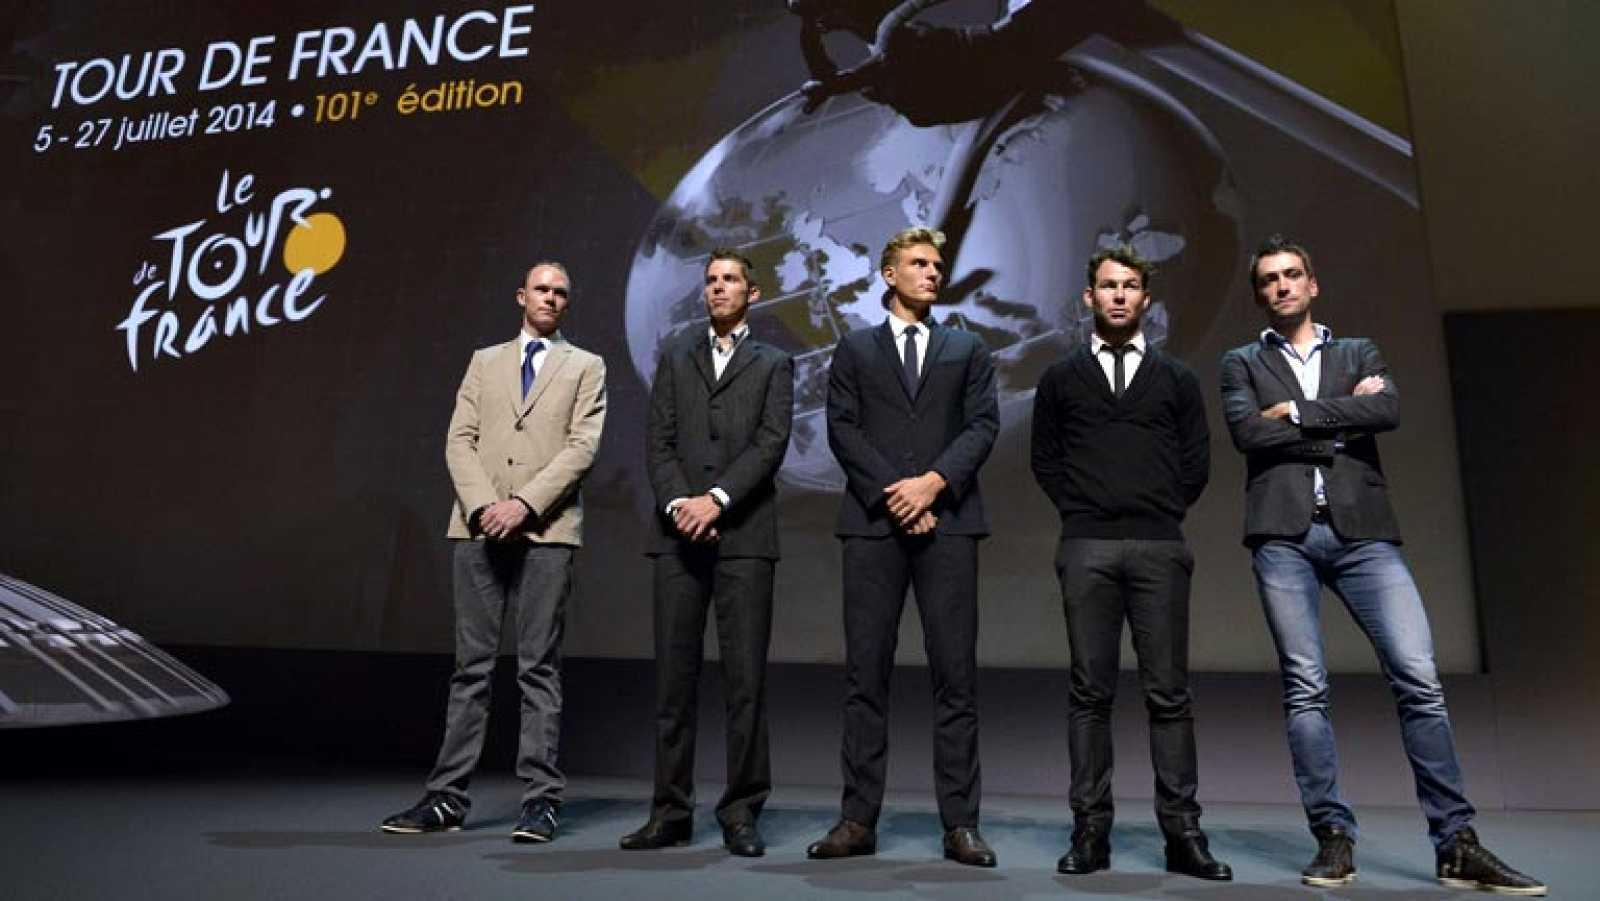 El Tour de Francia apuesta por la montaña, el terreno donde mejor se desenvuelve el colombiano Nairo Quintana, segundo de la pasada edición y que es el ciclista en mejor posición para inquietar al británico Chris Froome. Con solo 54 kilómetros contra